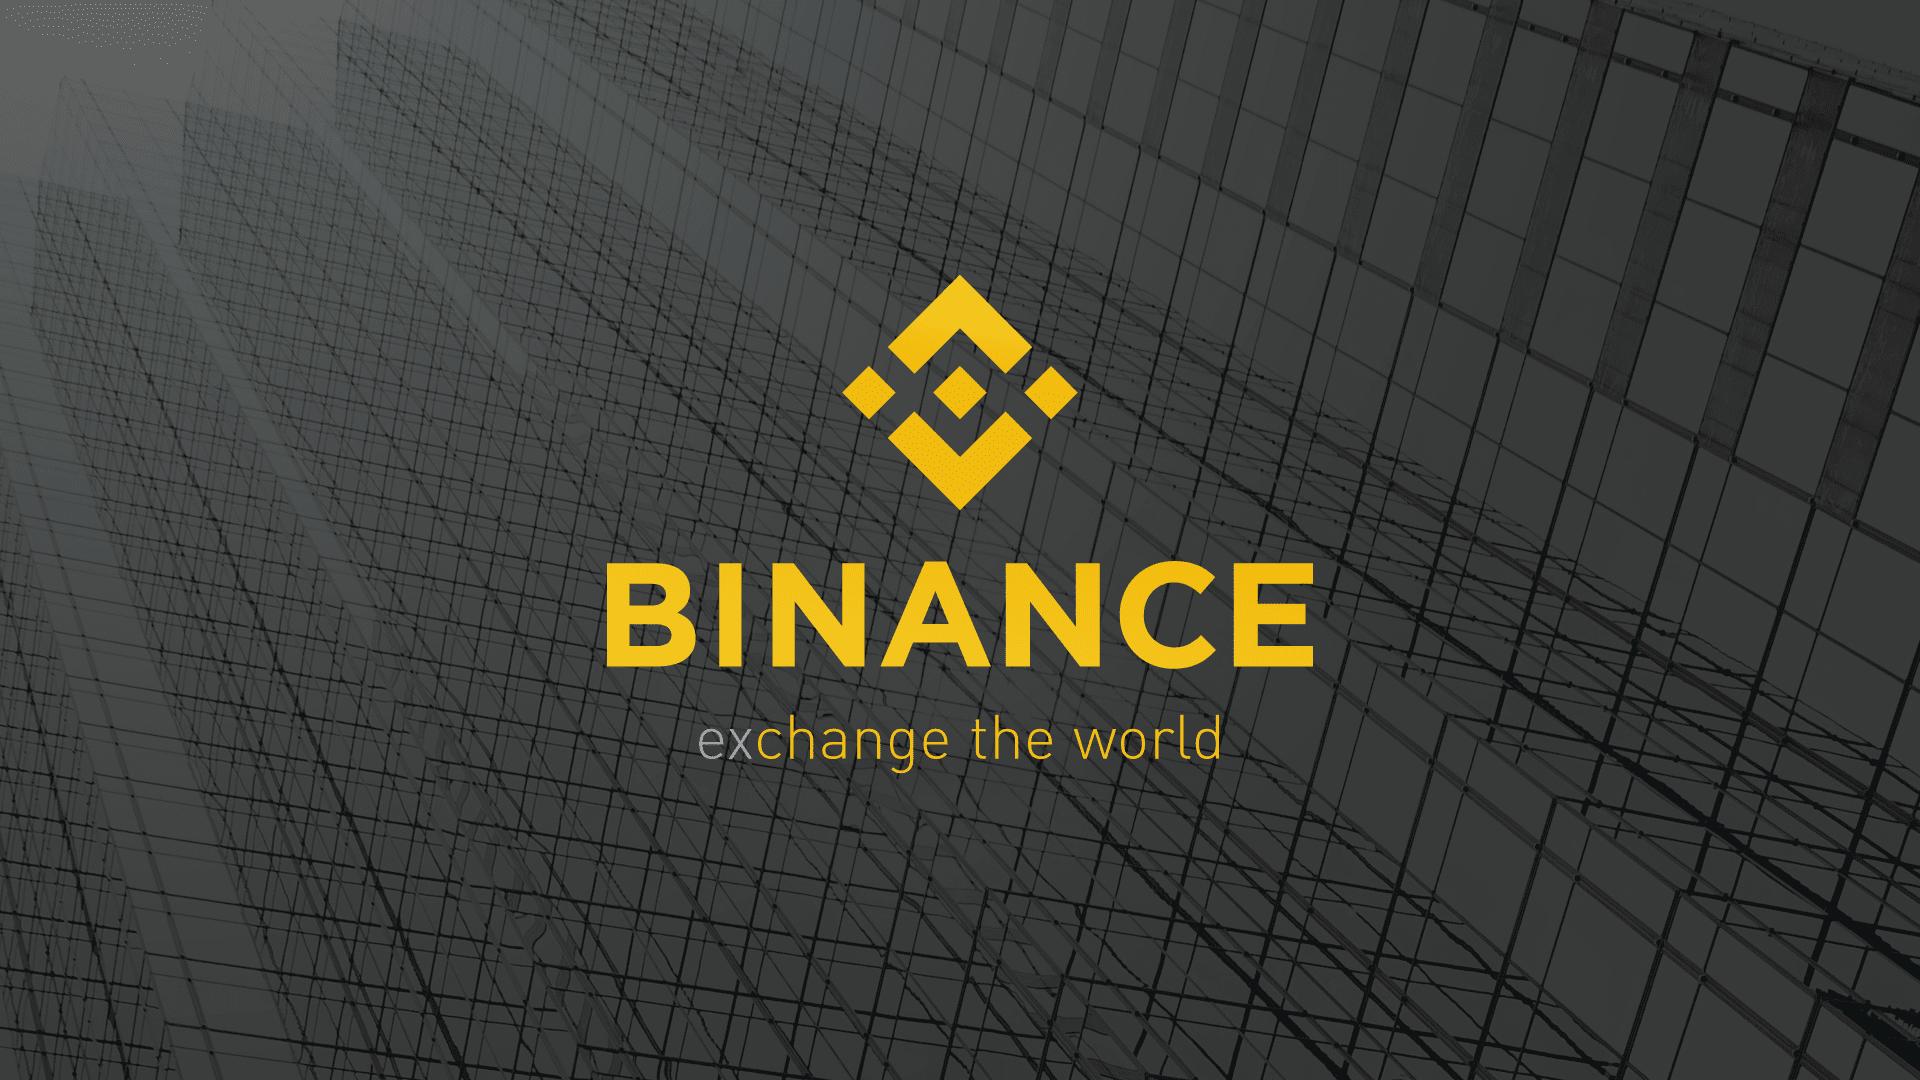 geriausi bitcoin exchange 2021)